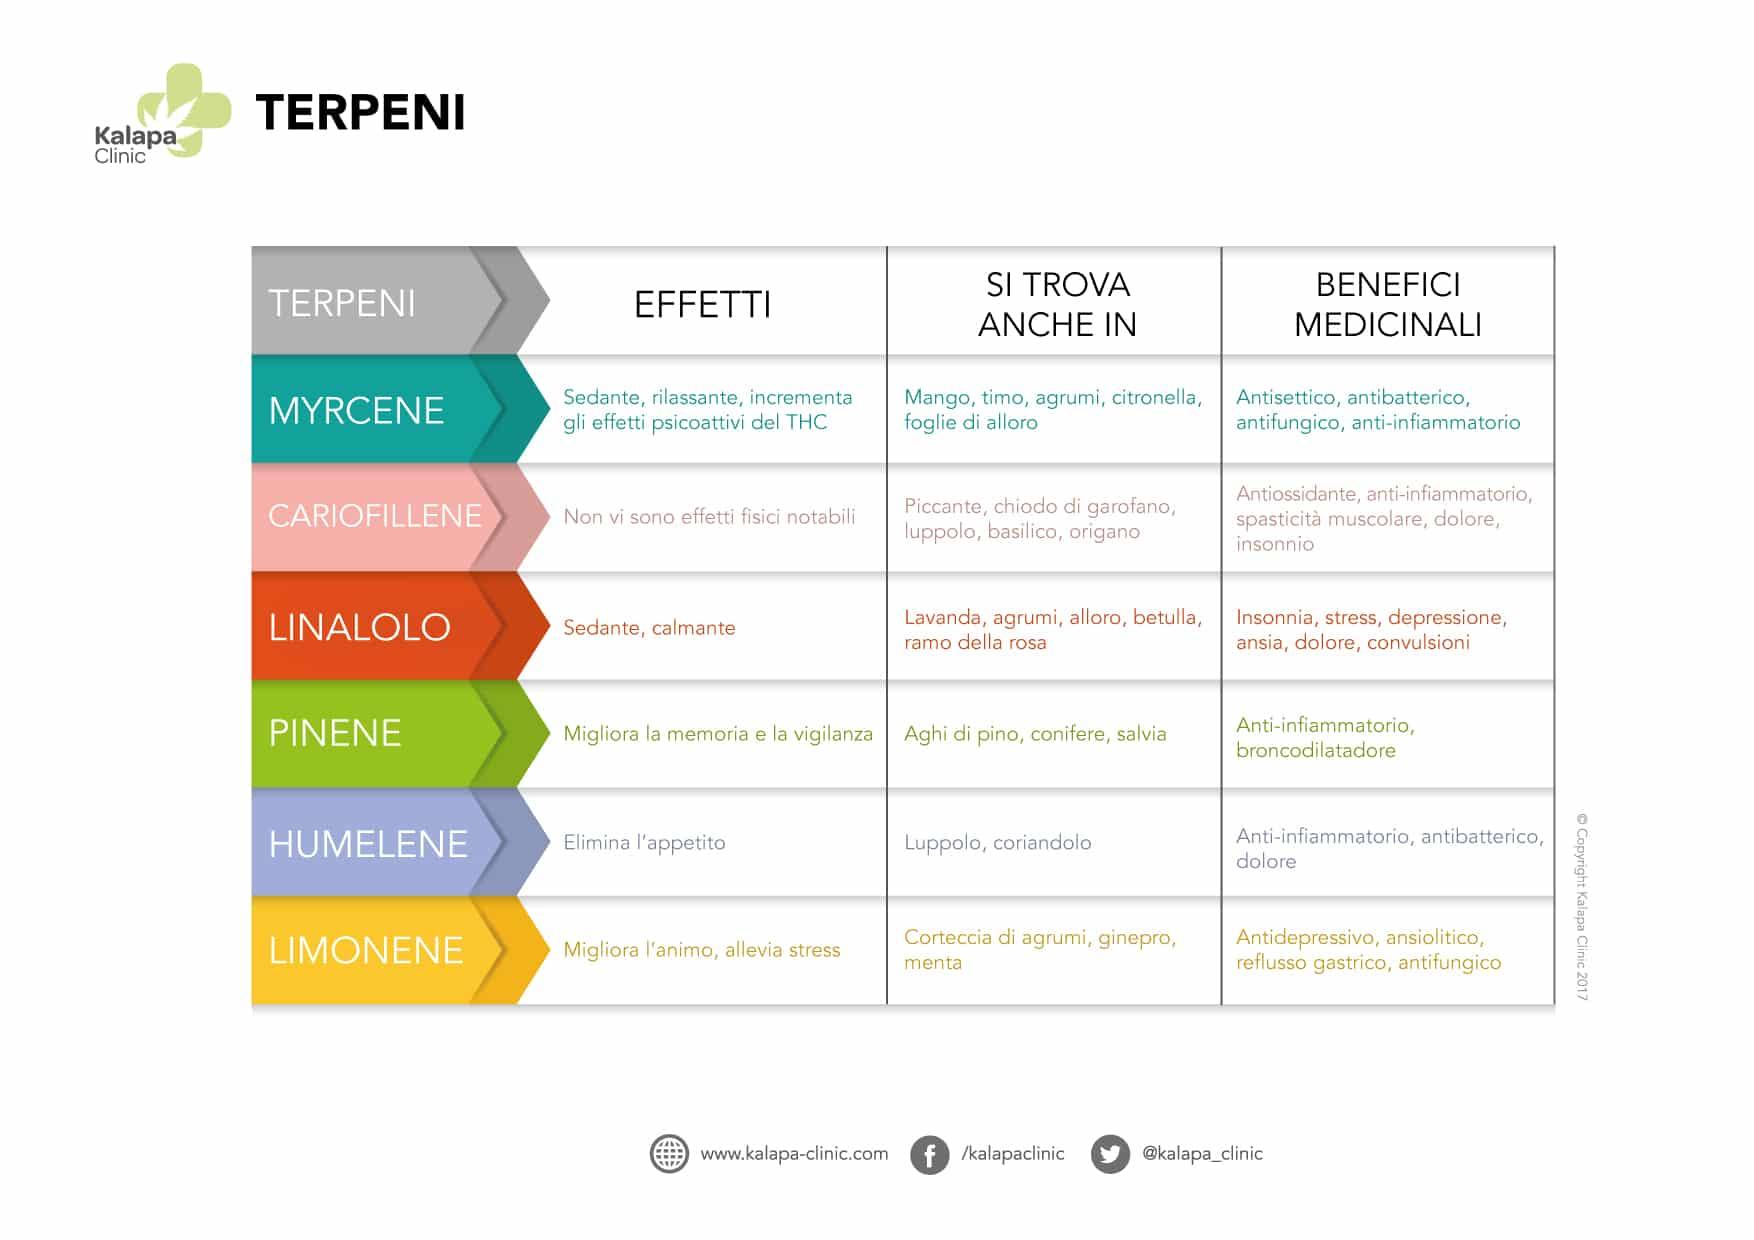 lista terpeni e proprietà terapeutiche